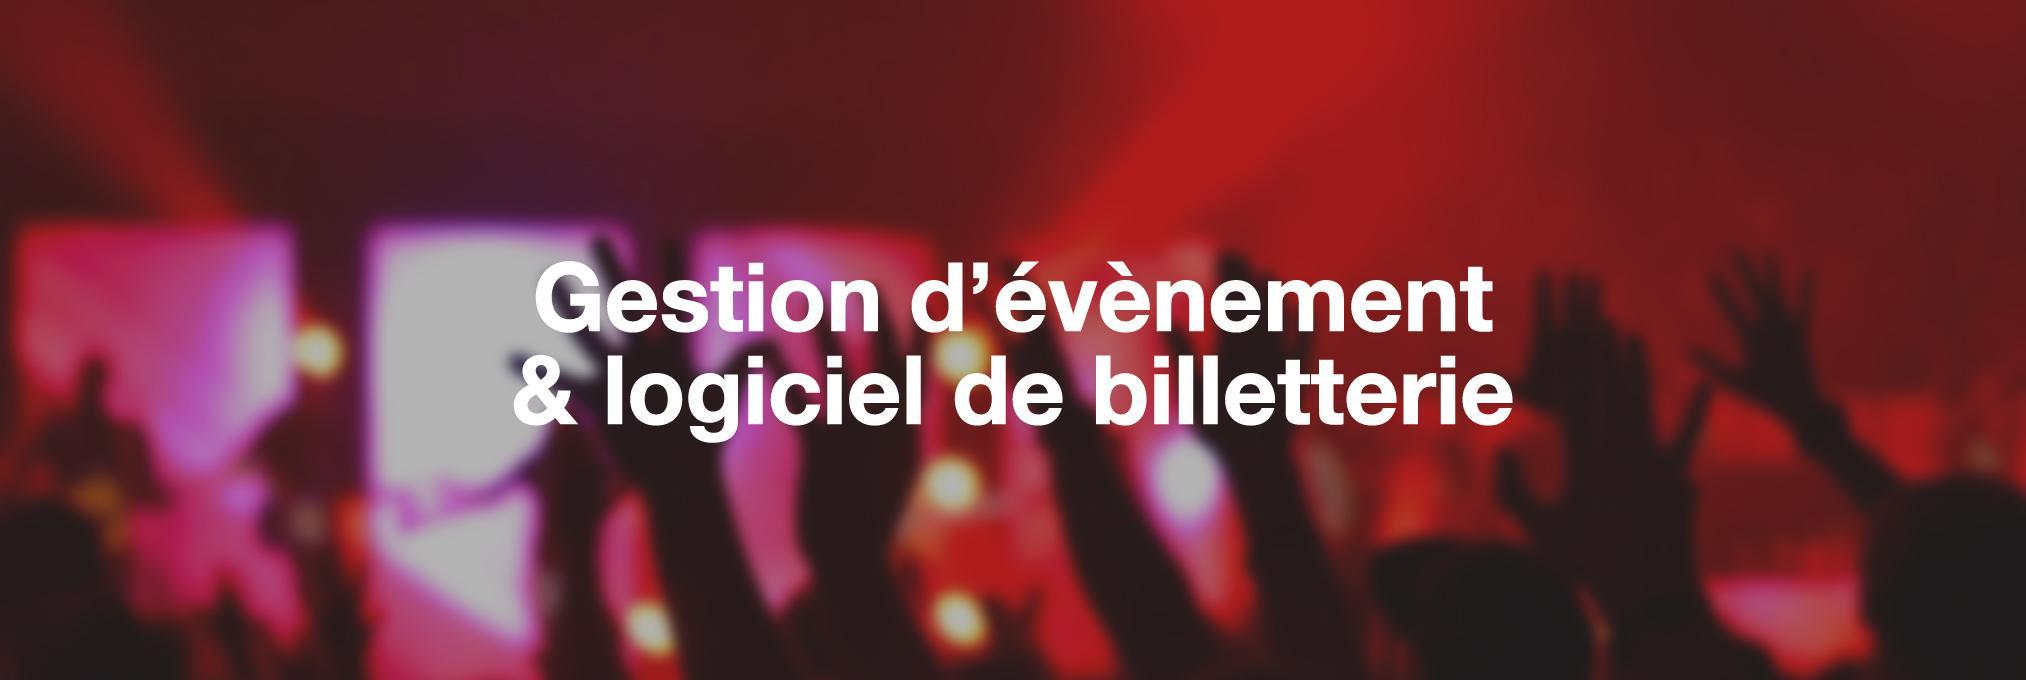 Avis EventManager : Gestion d'événements, logiciel de billetterie, 100% français - appvizer